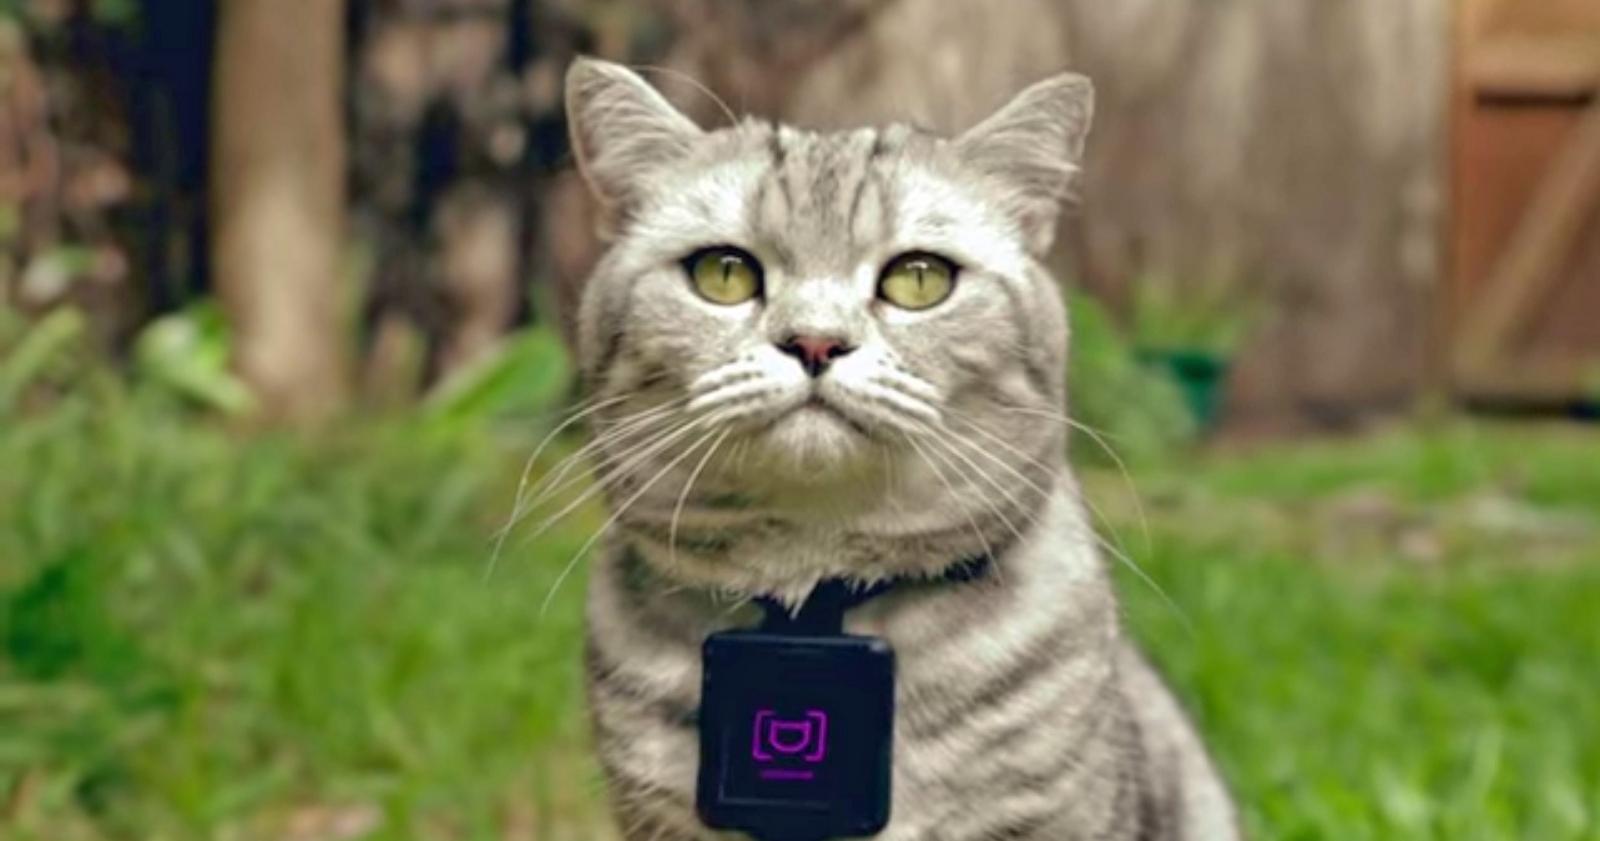 Catstacam: A camera for cats